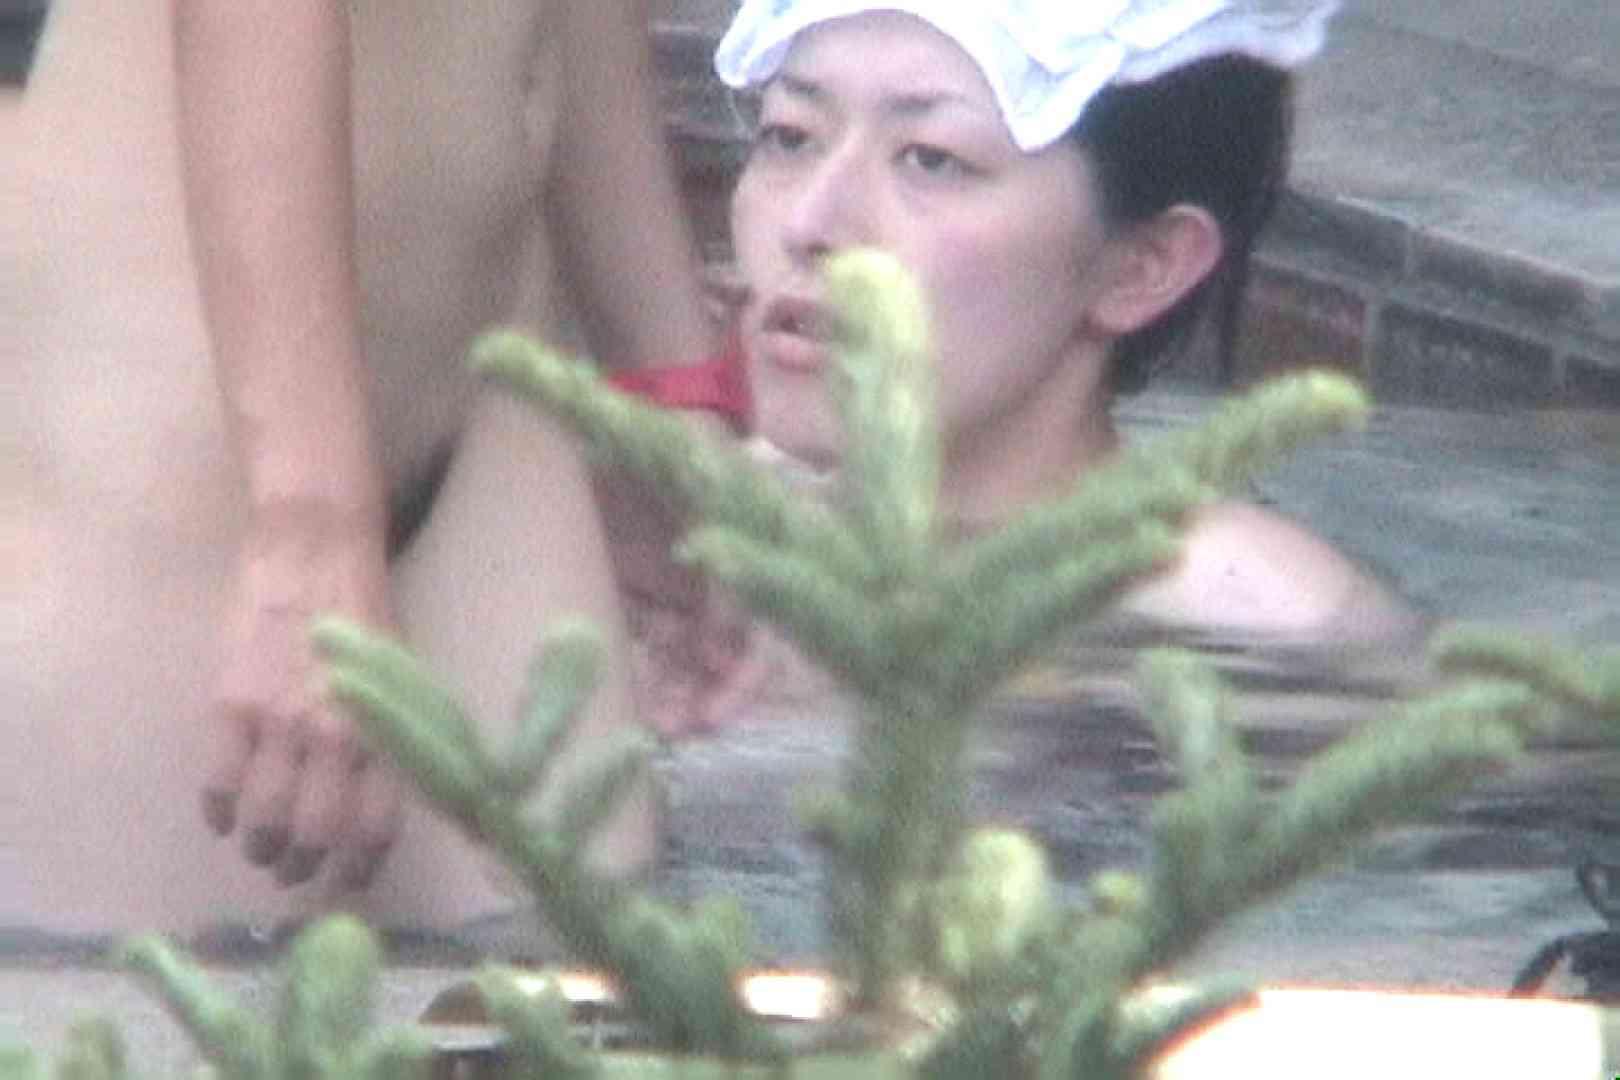 Aquaな露天風呂Vol.80【VIP限定】 いやらしいOL オメコ無修正動画無料 73連発 17